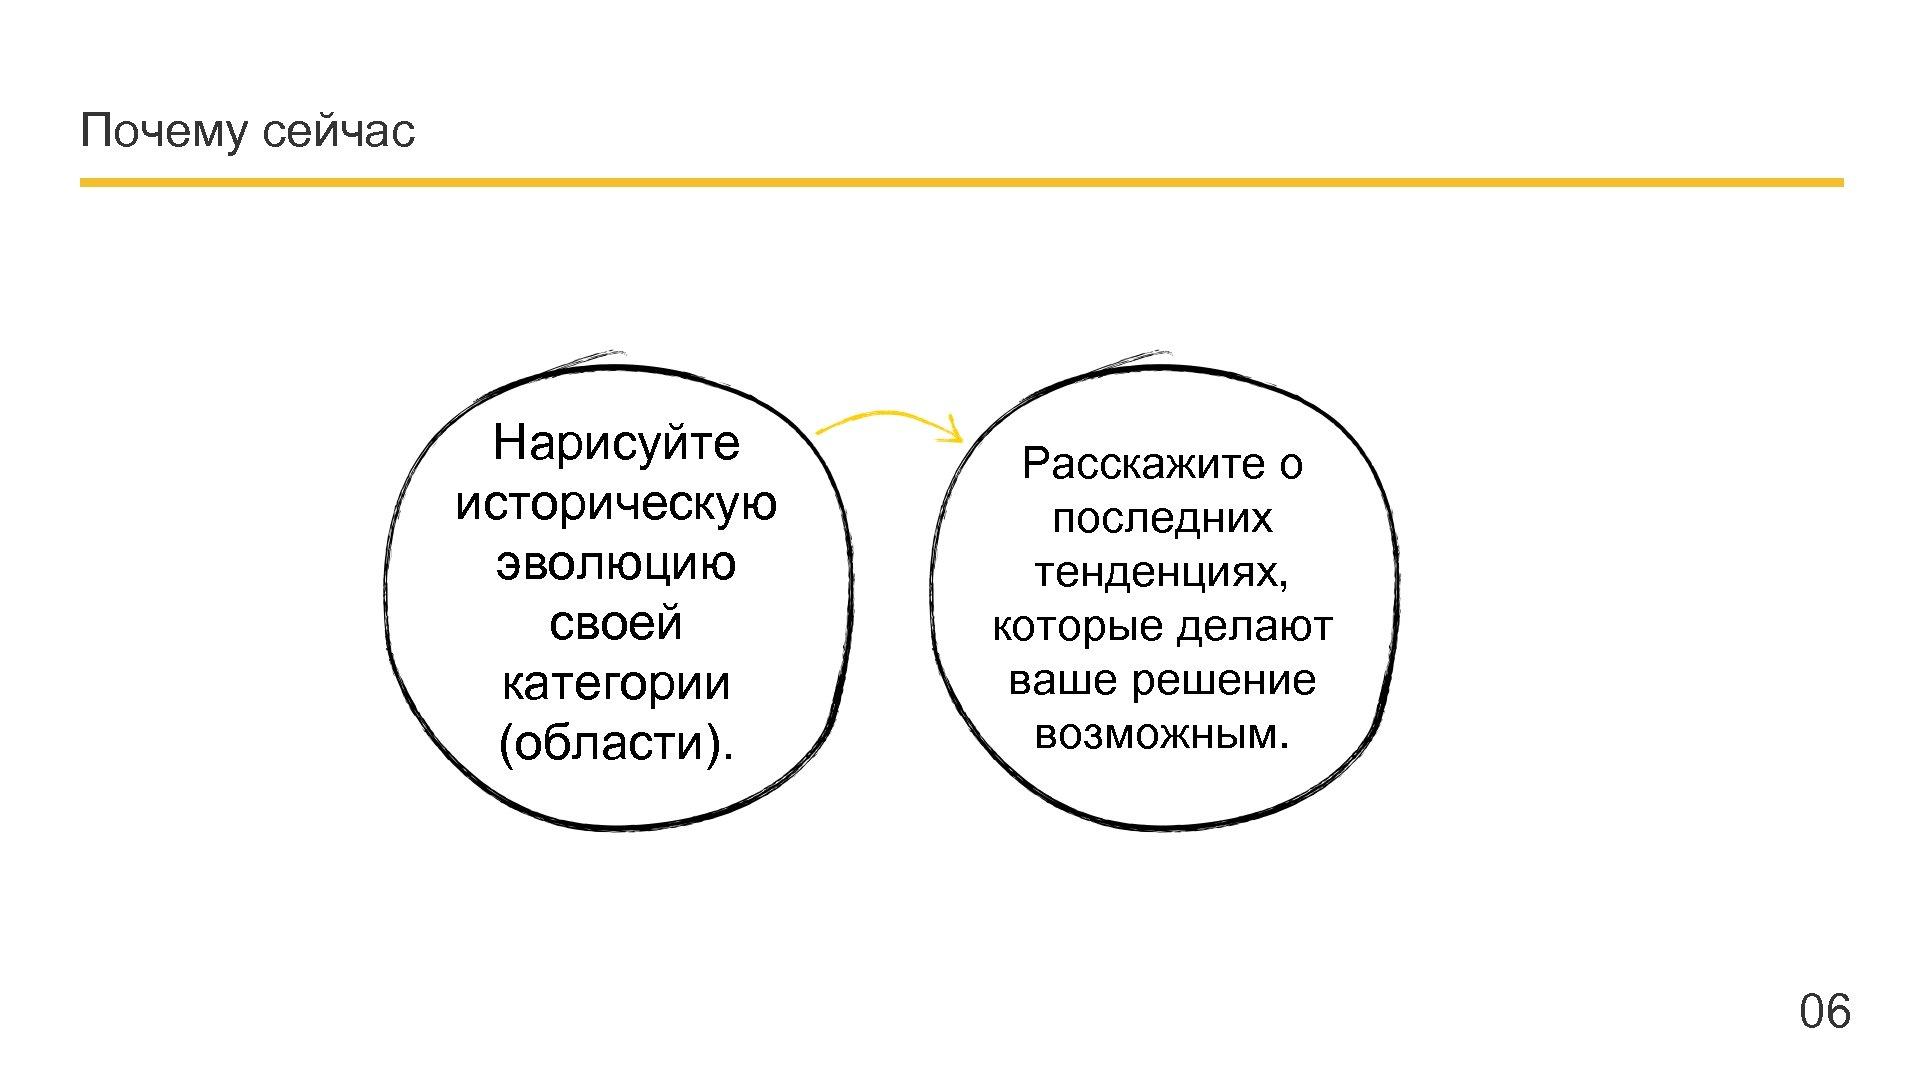 Почему сейчас Нарисуйте историческую эволюцию своей категории (области). Company name - Presentation Расскажите о